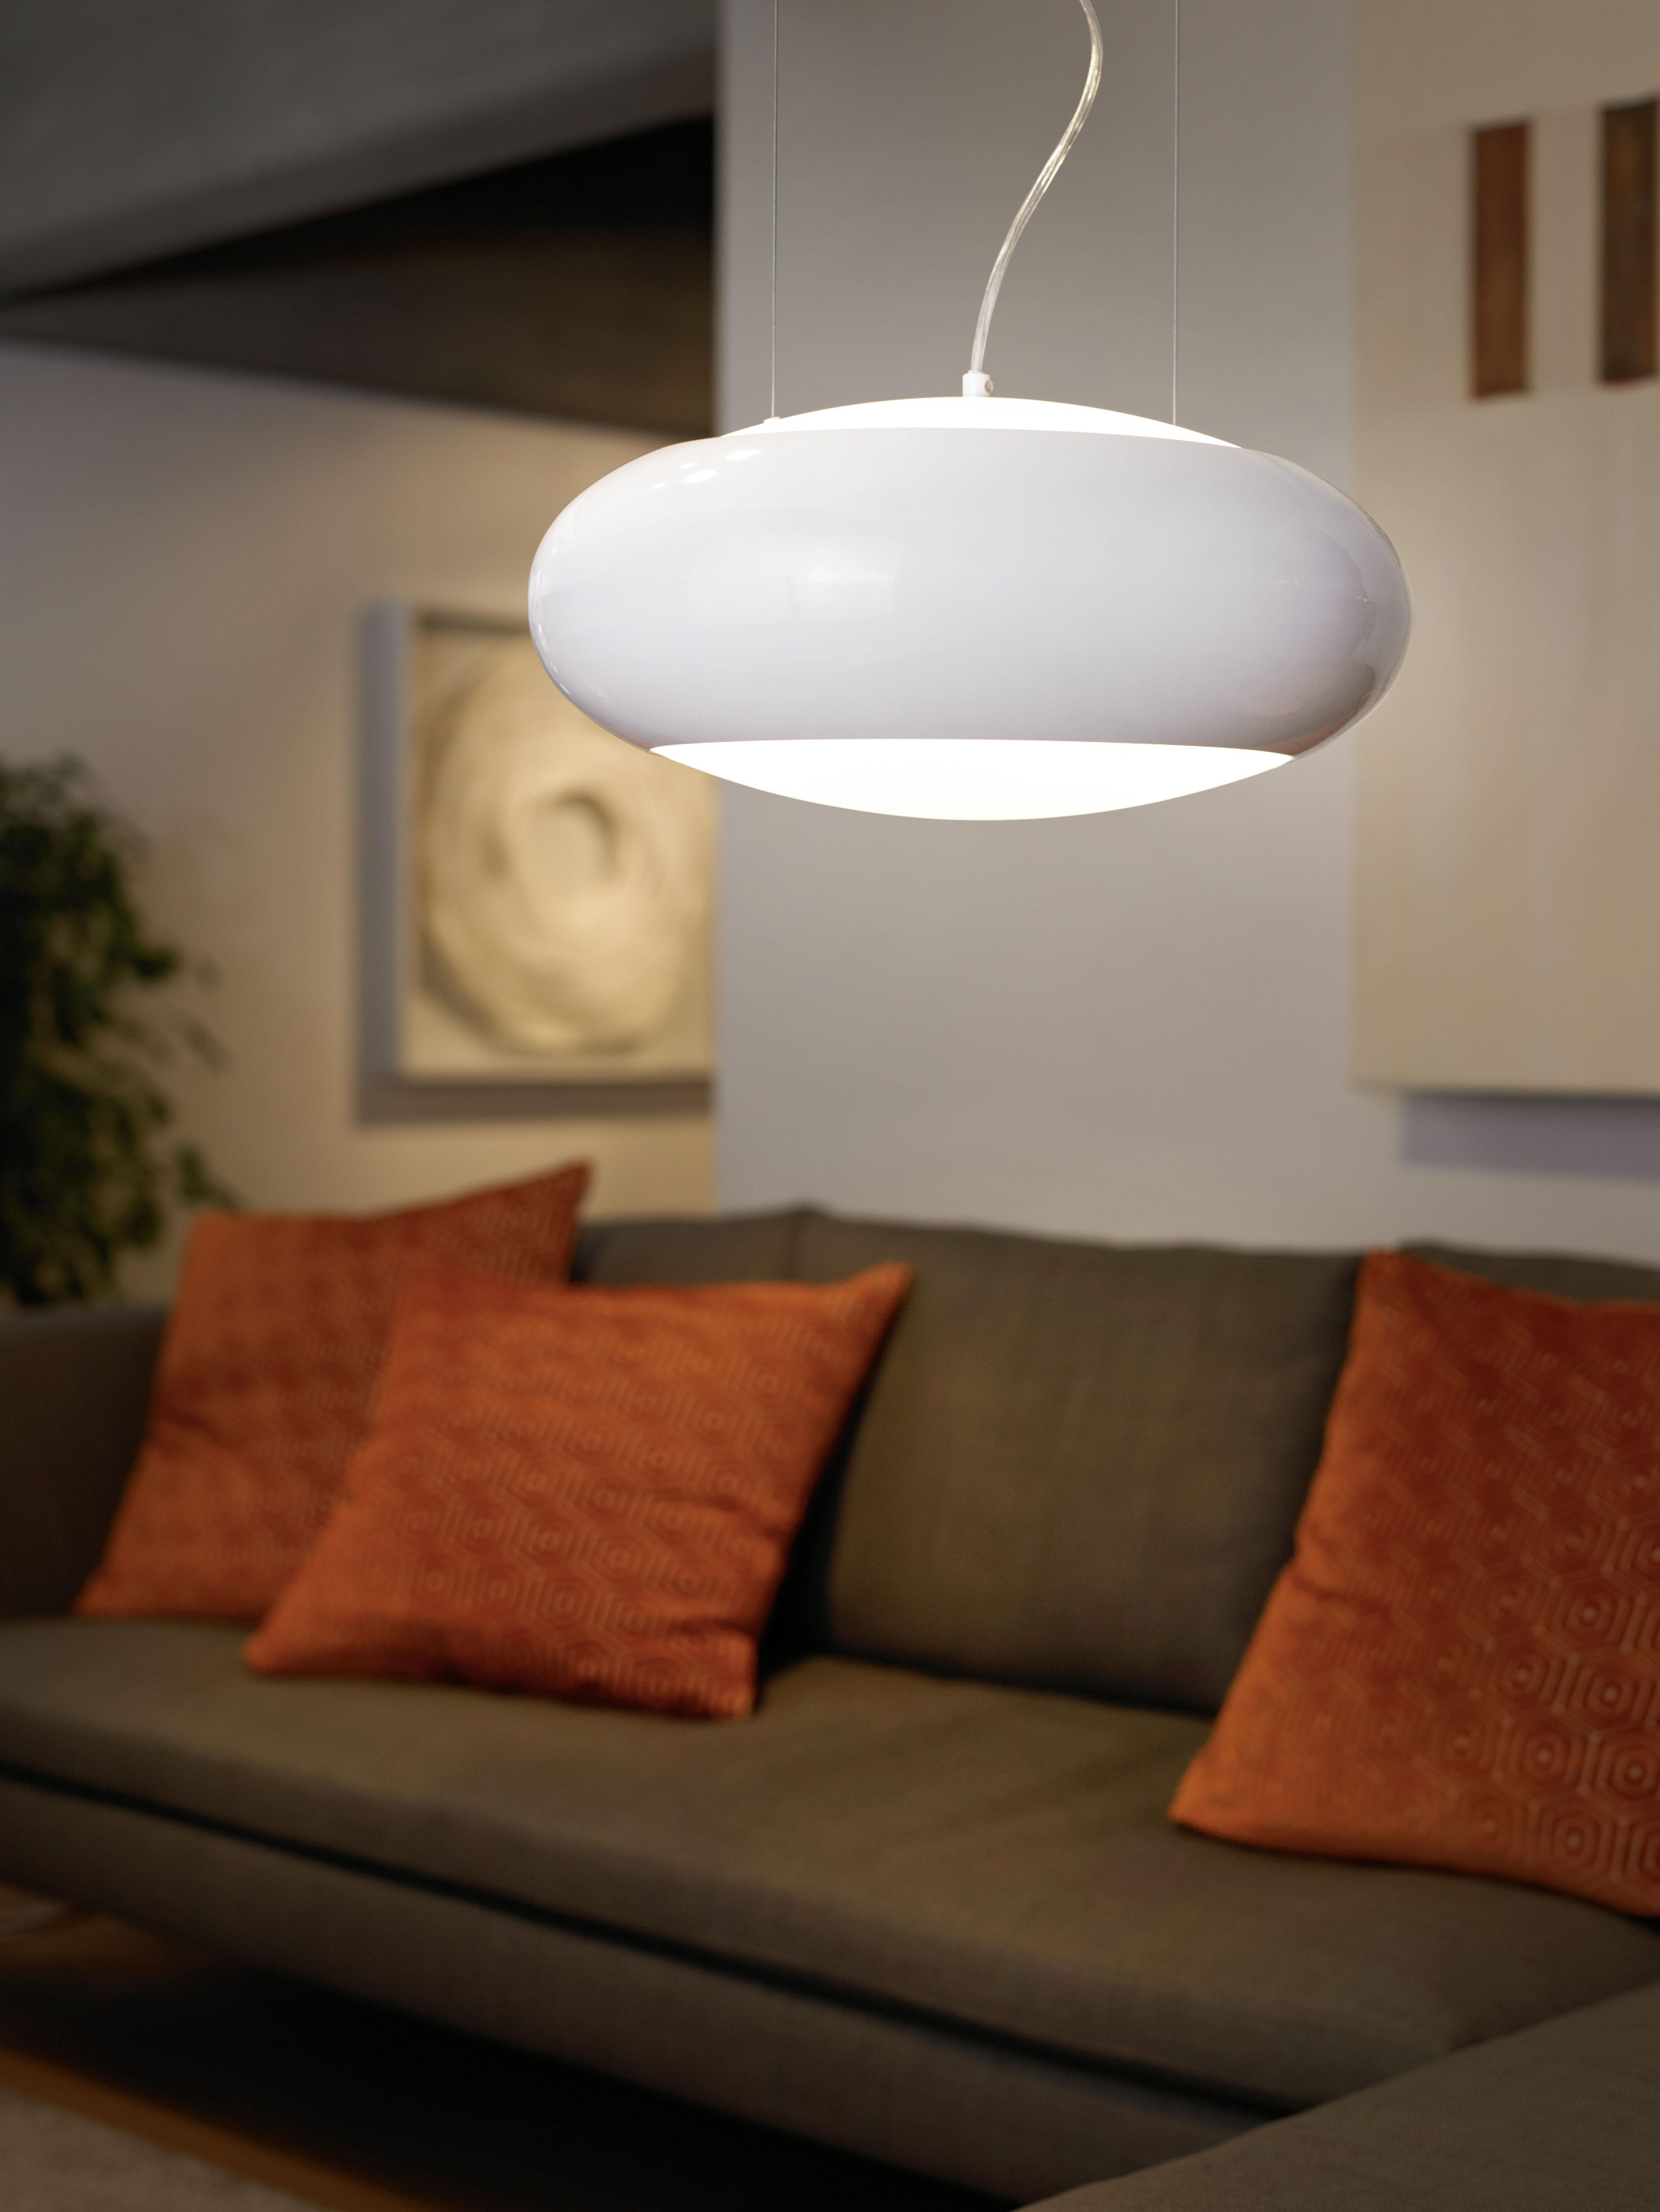 lampara de techo y plafones para iluminacion 2018 el hogar depot (2)